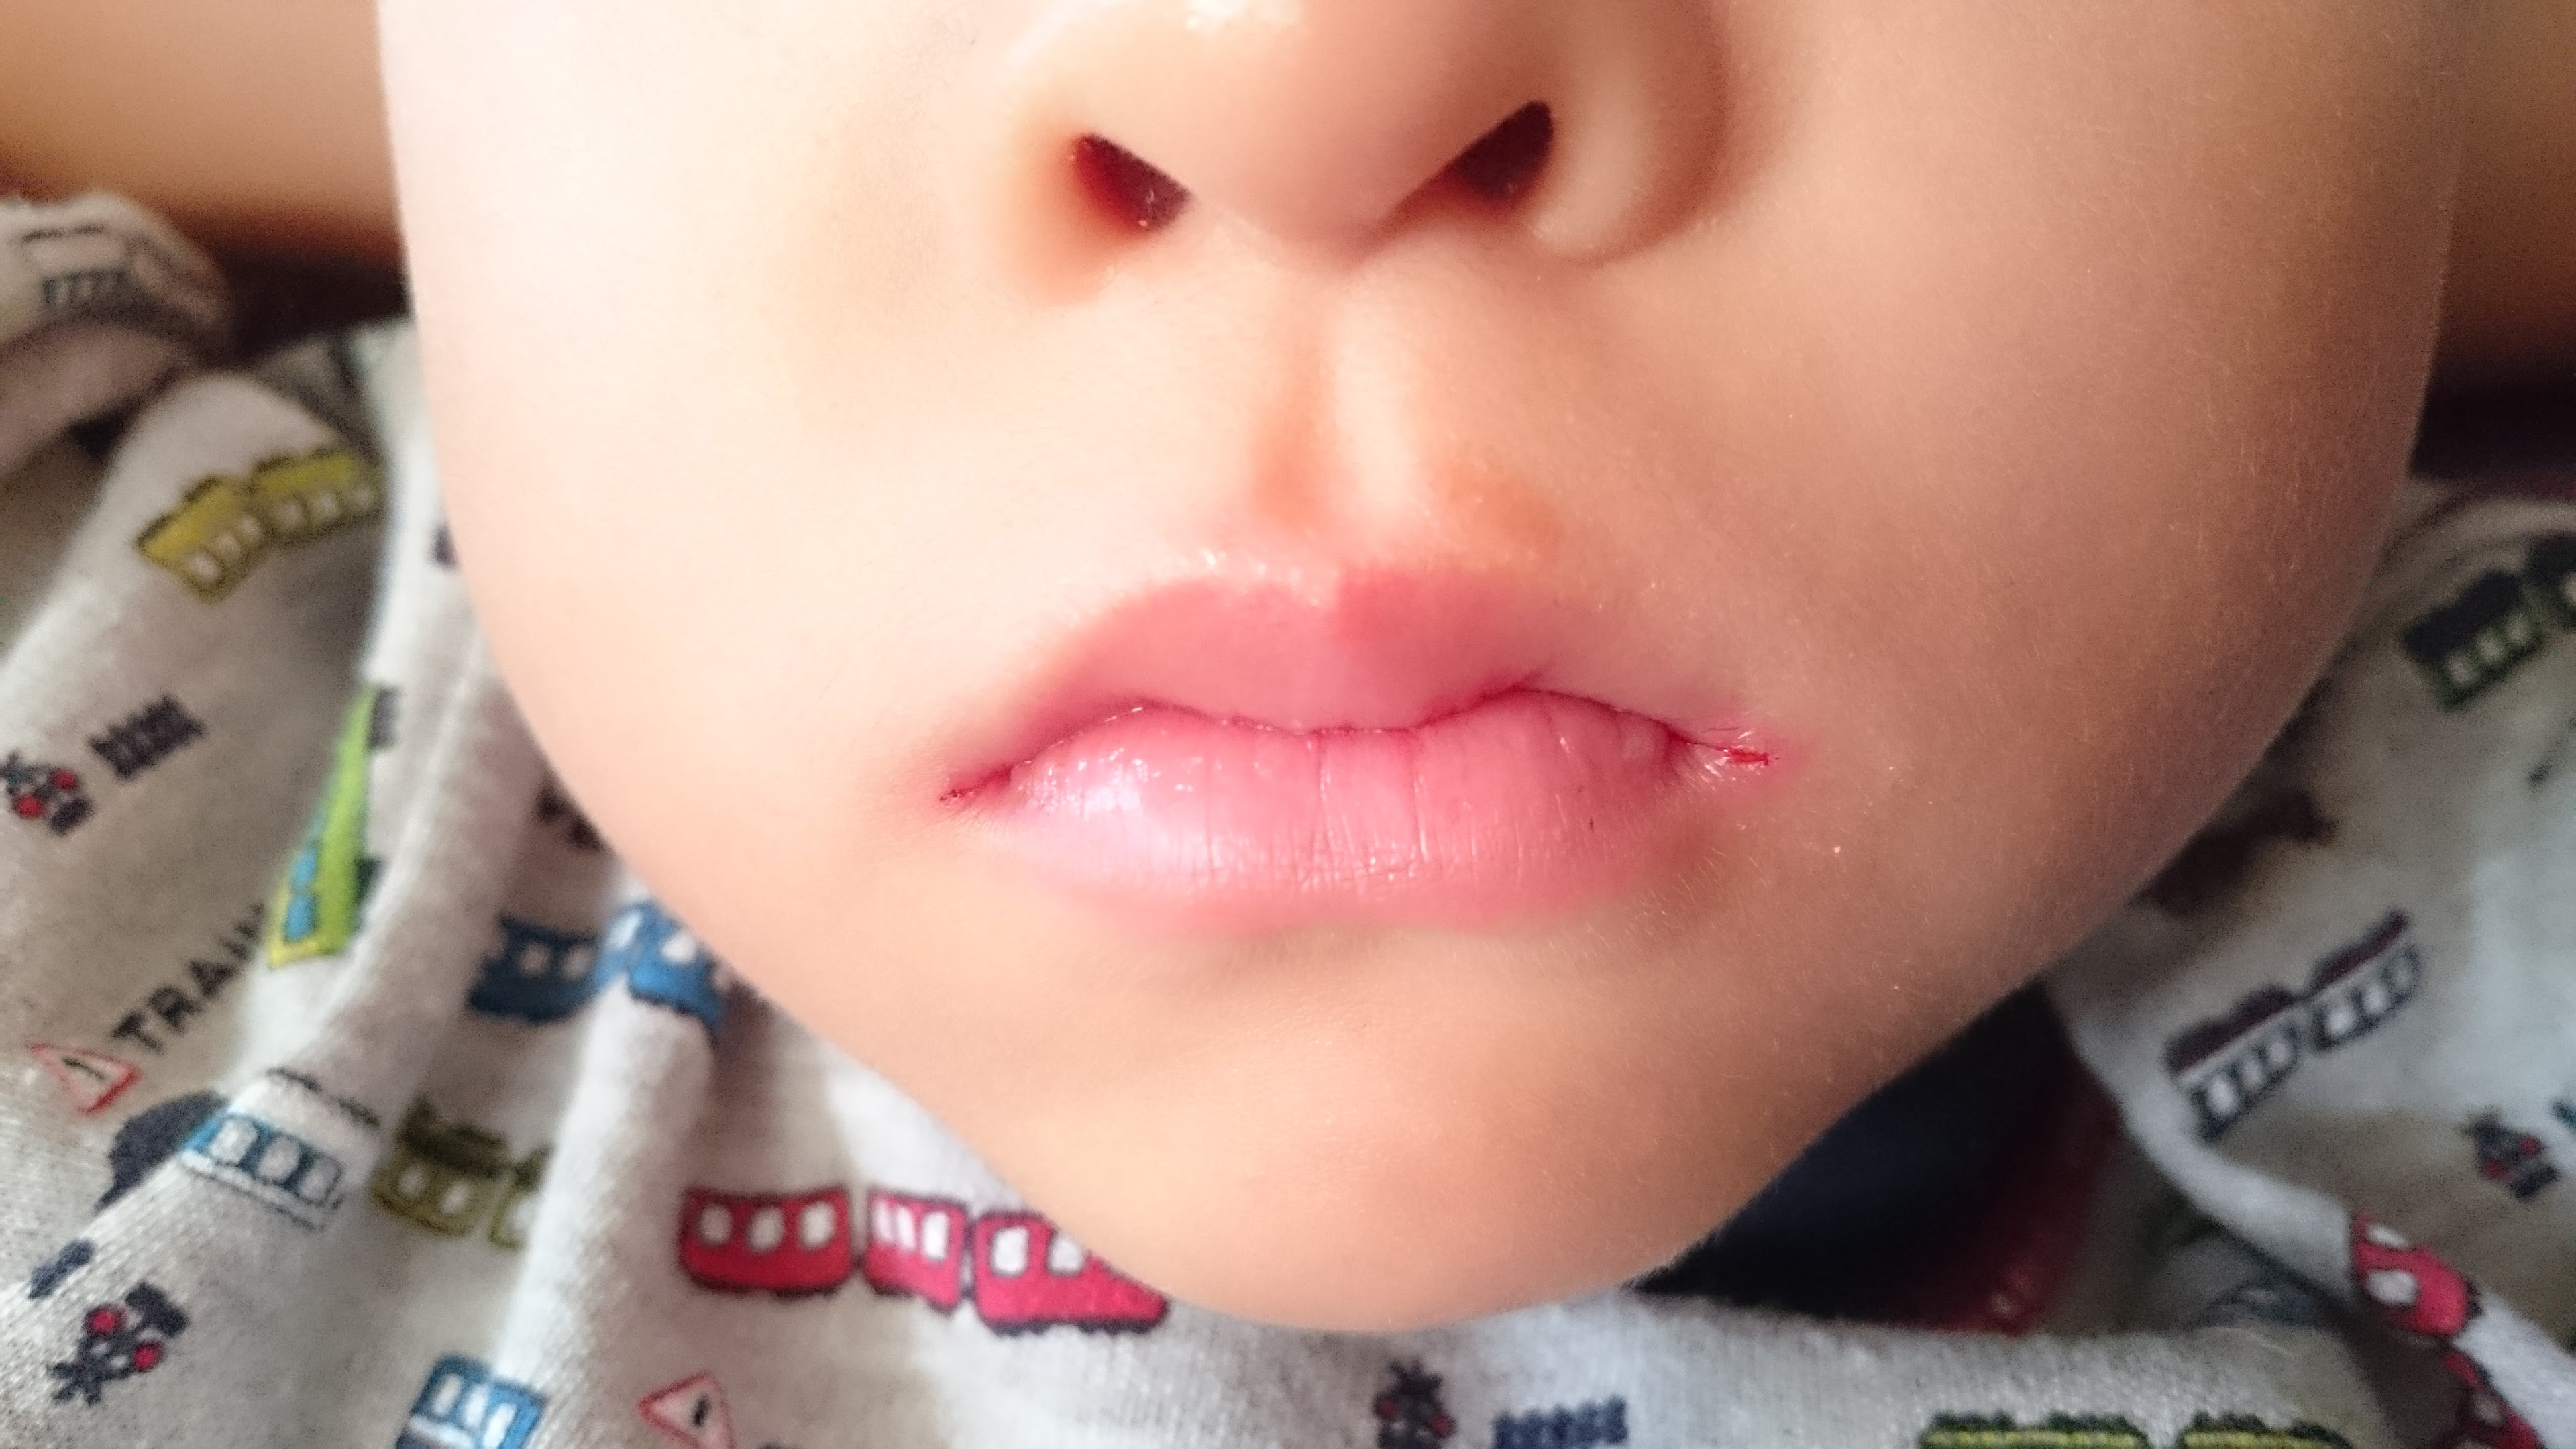 ない 治ら 口角 炎